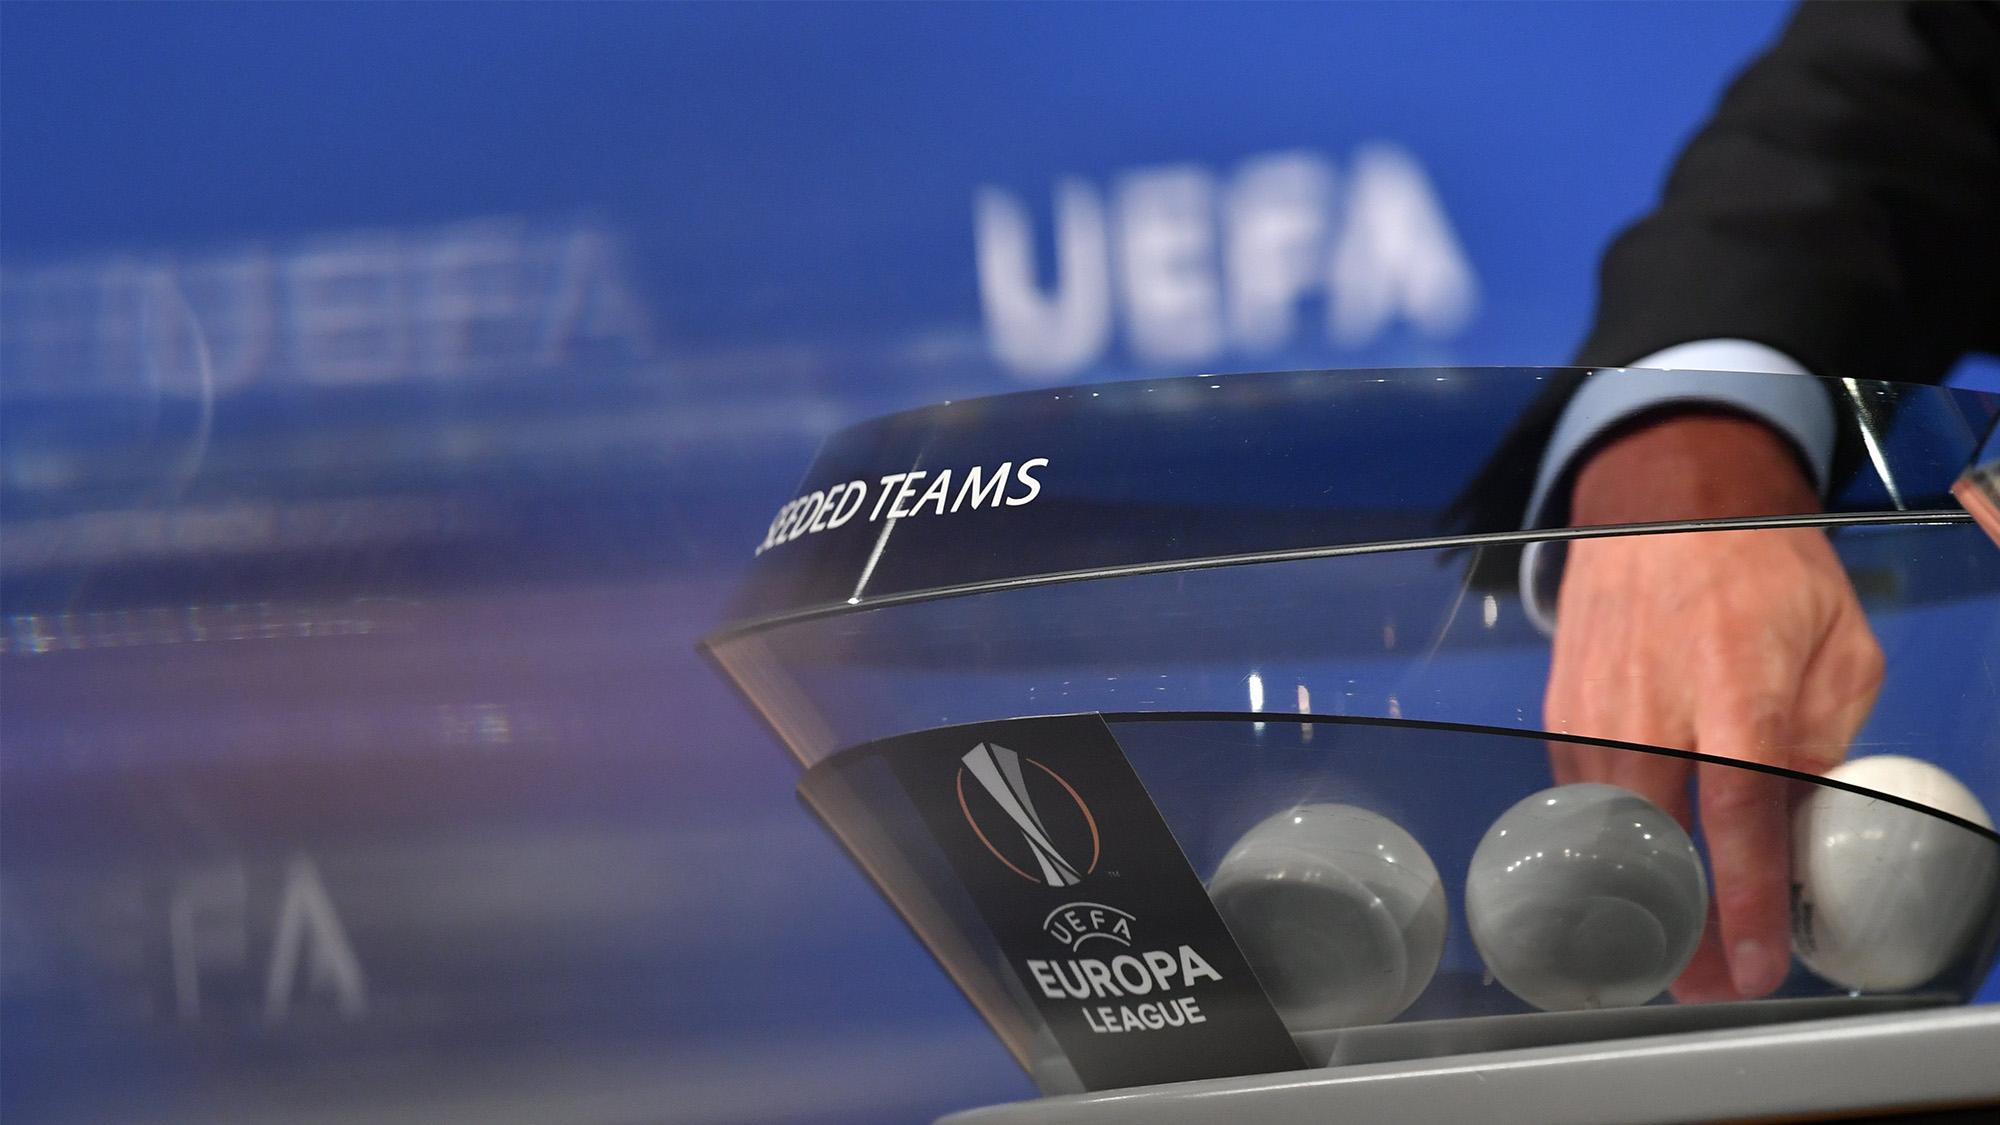 aberdeen fc uefa europa league draw information aberdeen fc uefa europa league draw